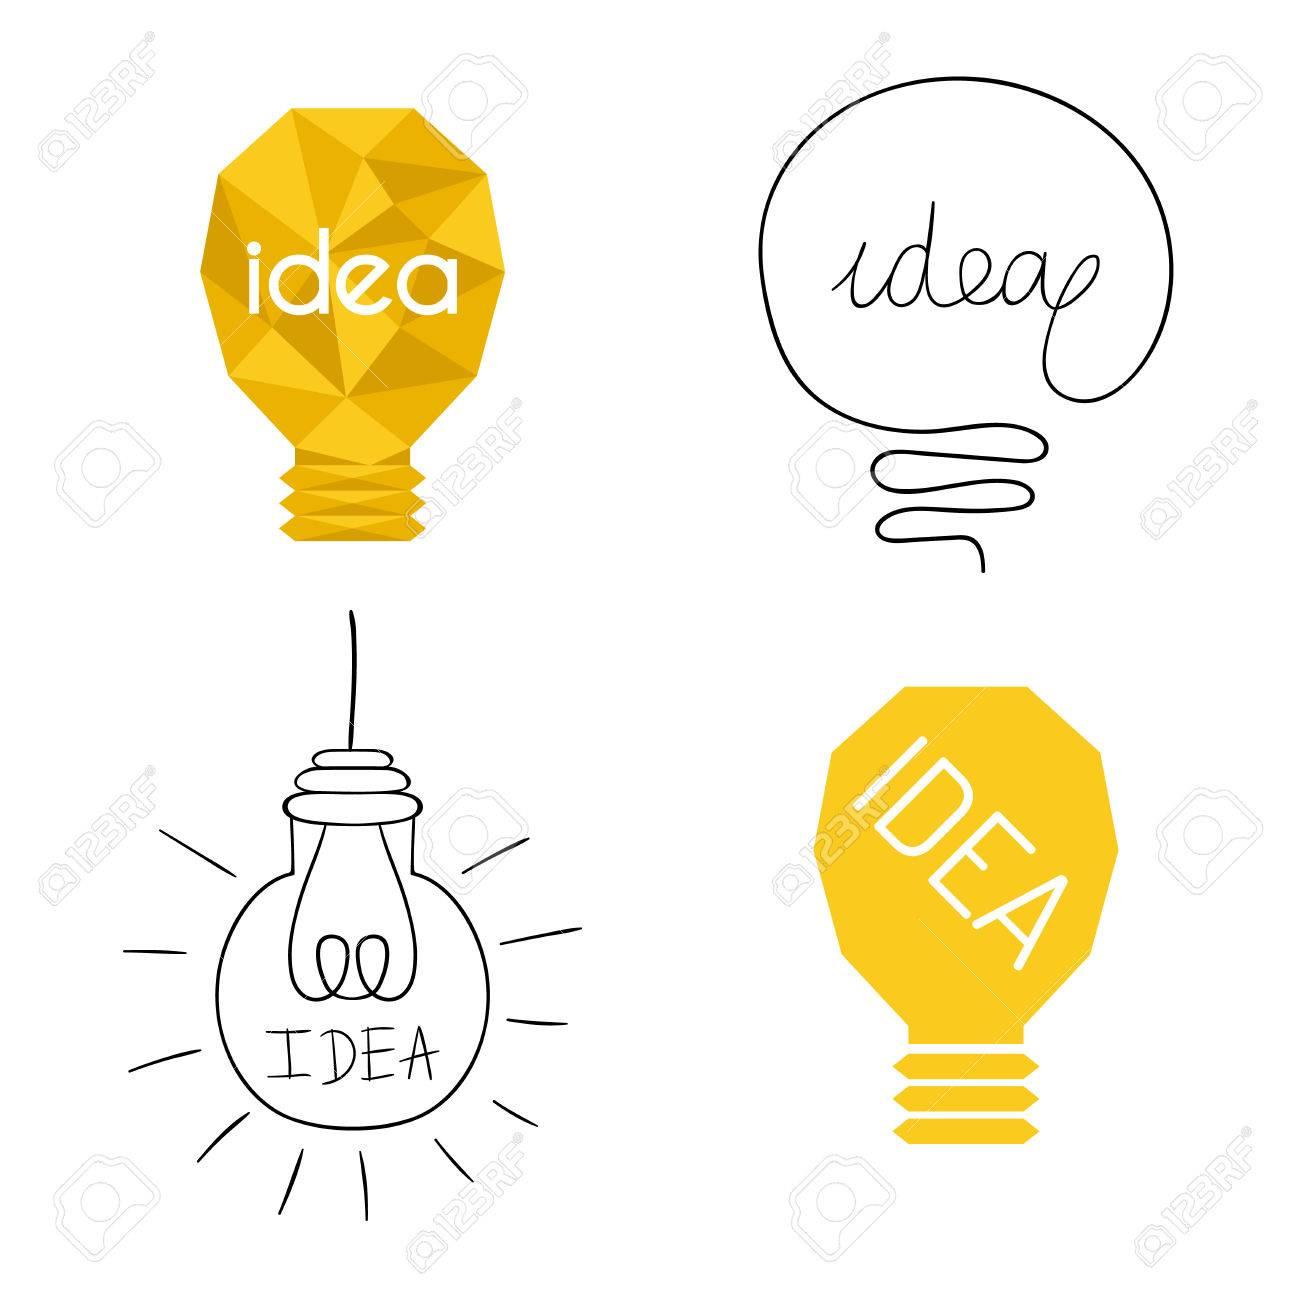 Lieblich Standard Bild   Zeichnung Idee Glühbirne Konzept Kreative Gestaltung.  Vector Idea Lampe Innovation Elektrische Kreativität Inspiration Konzept.  Helle Idee ...